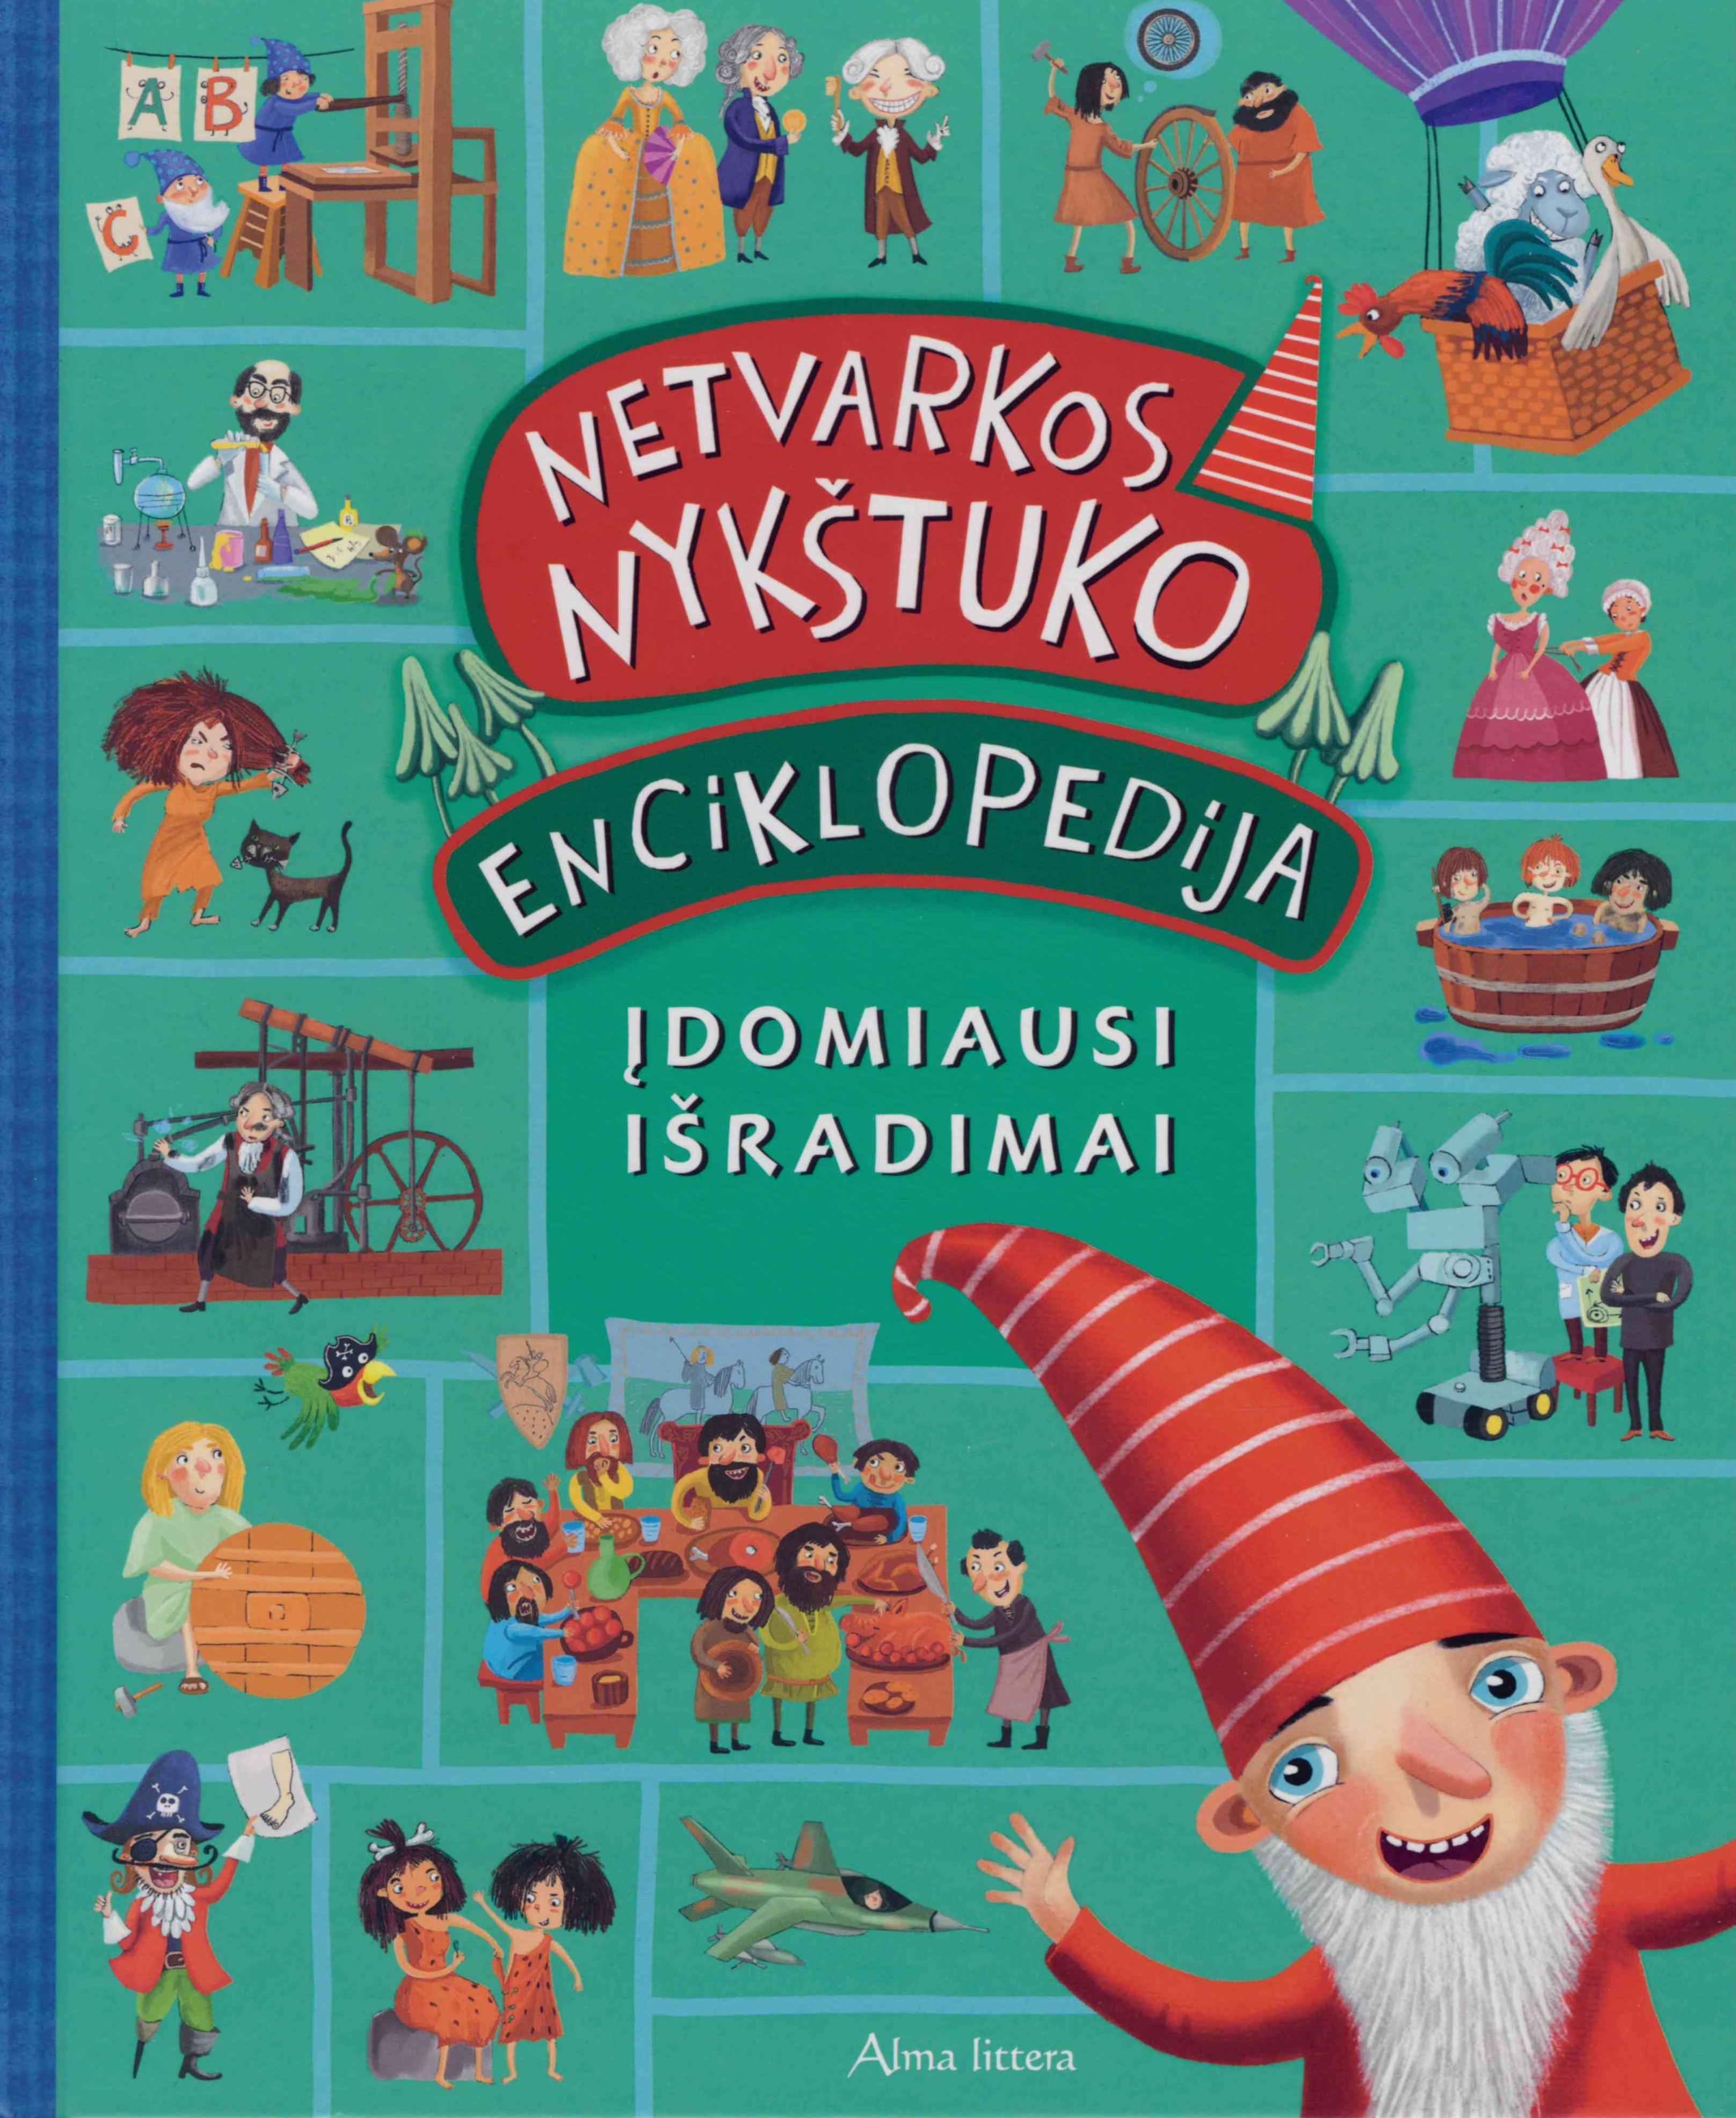 Netvarkos nykštuko enciklopedija : įdomiausi išradimai